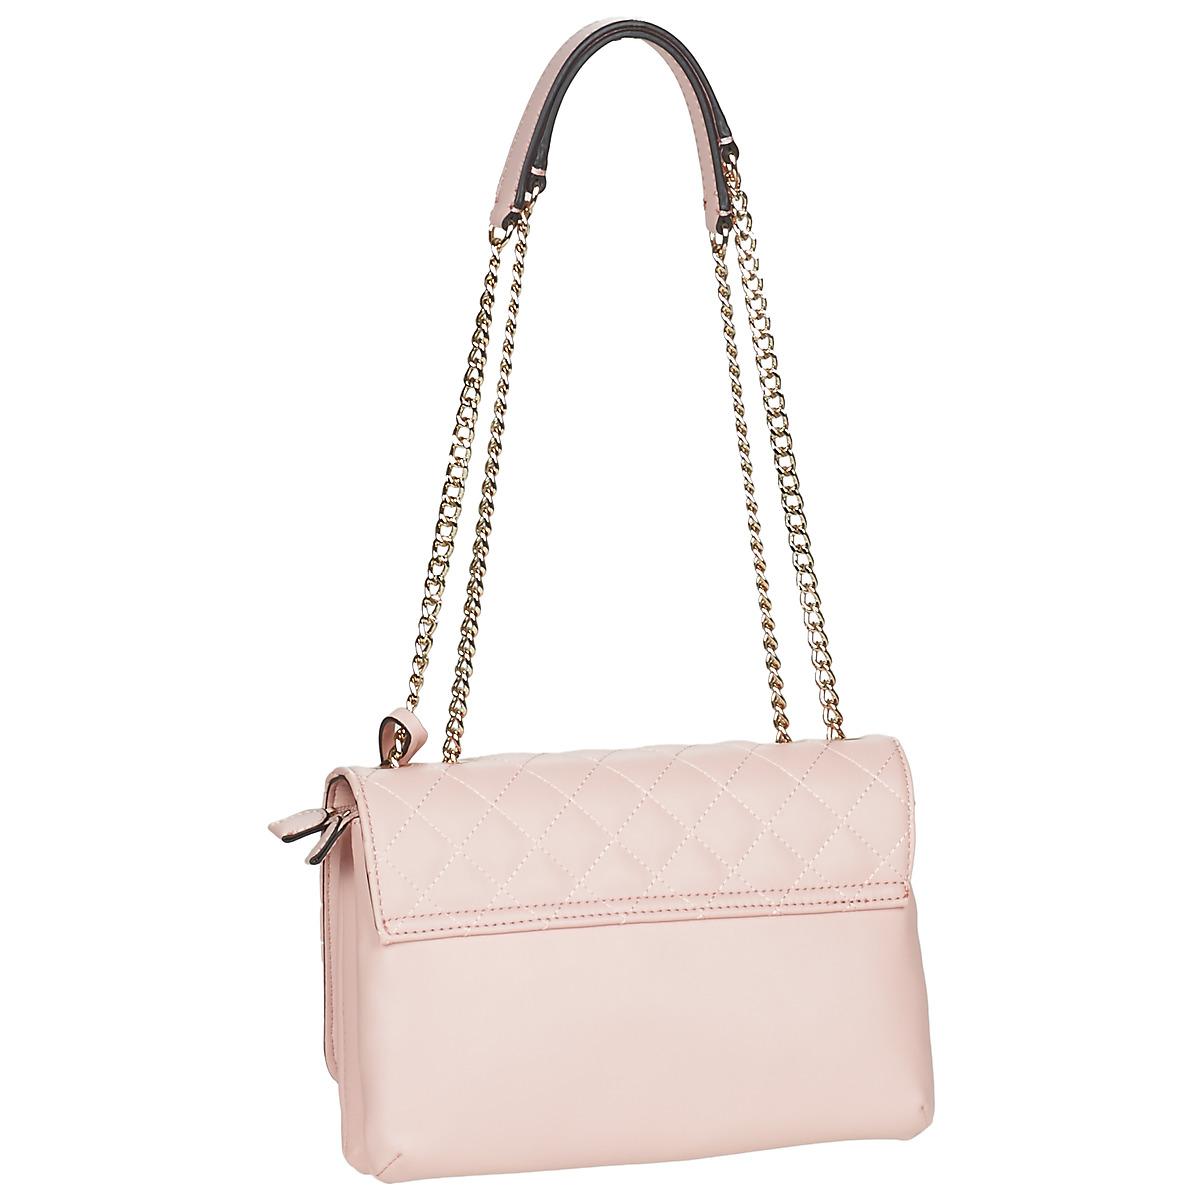 Damenhandtaschen Guess Borsa Koffer, Rucksäcke & Taschen